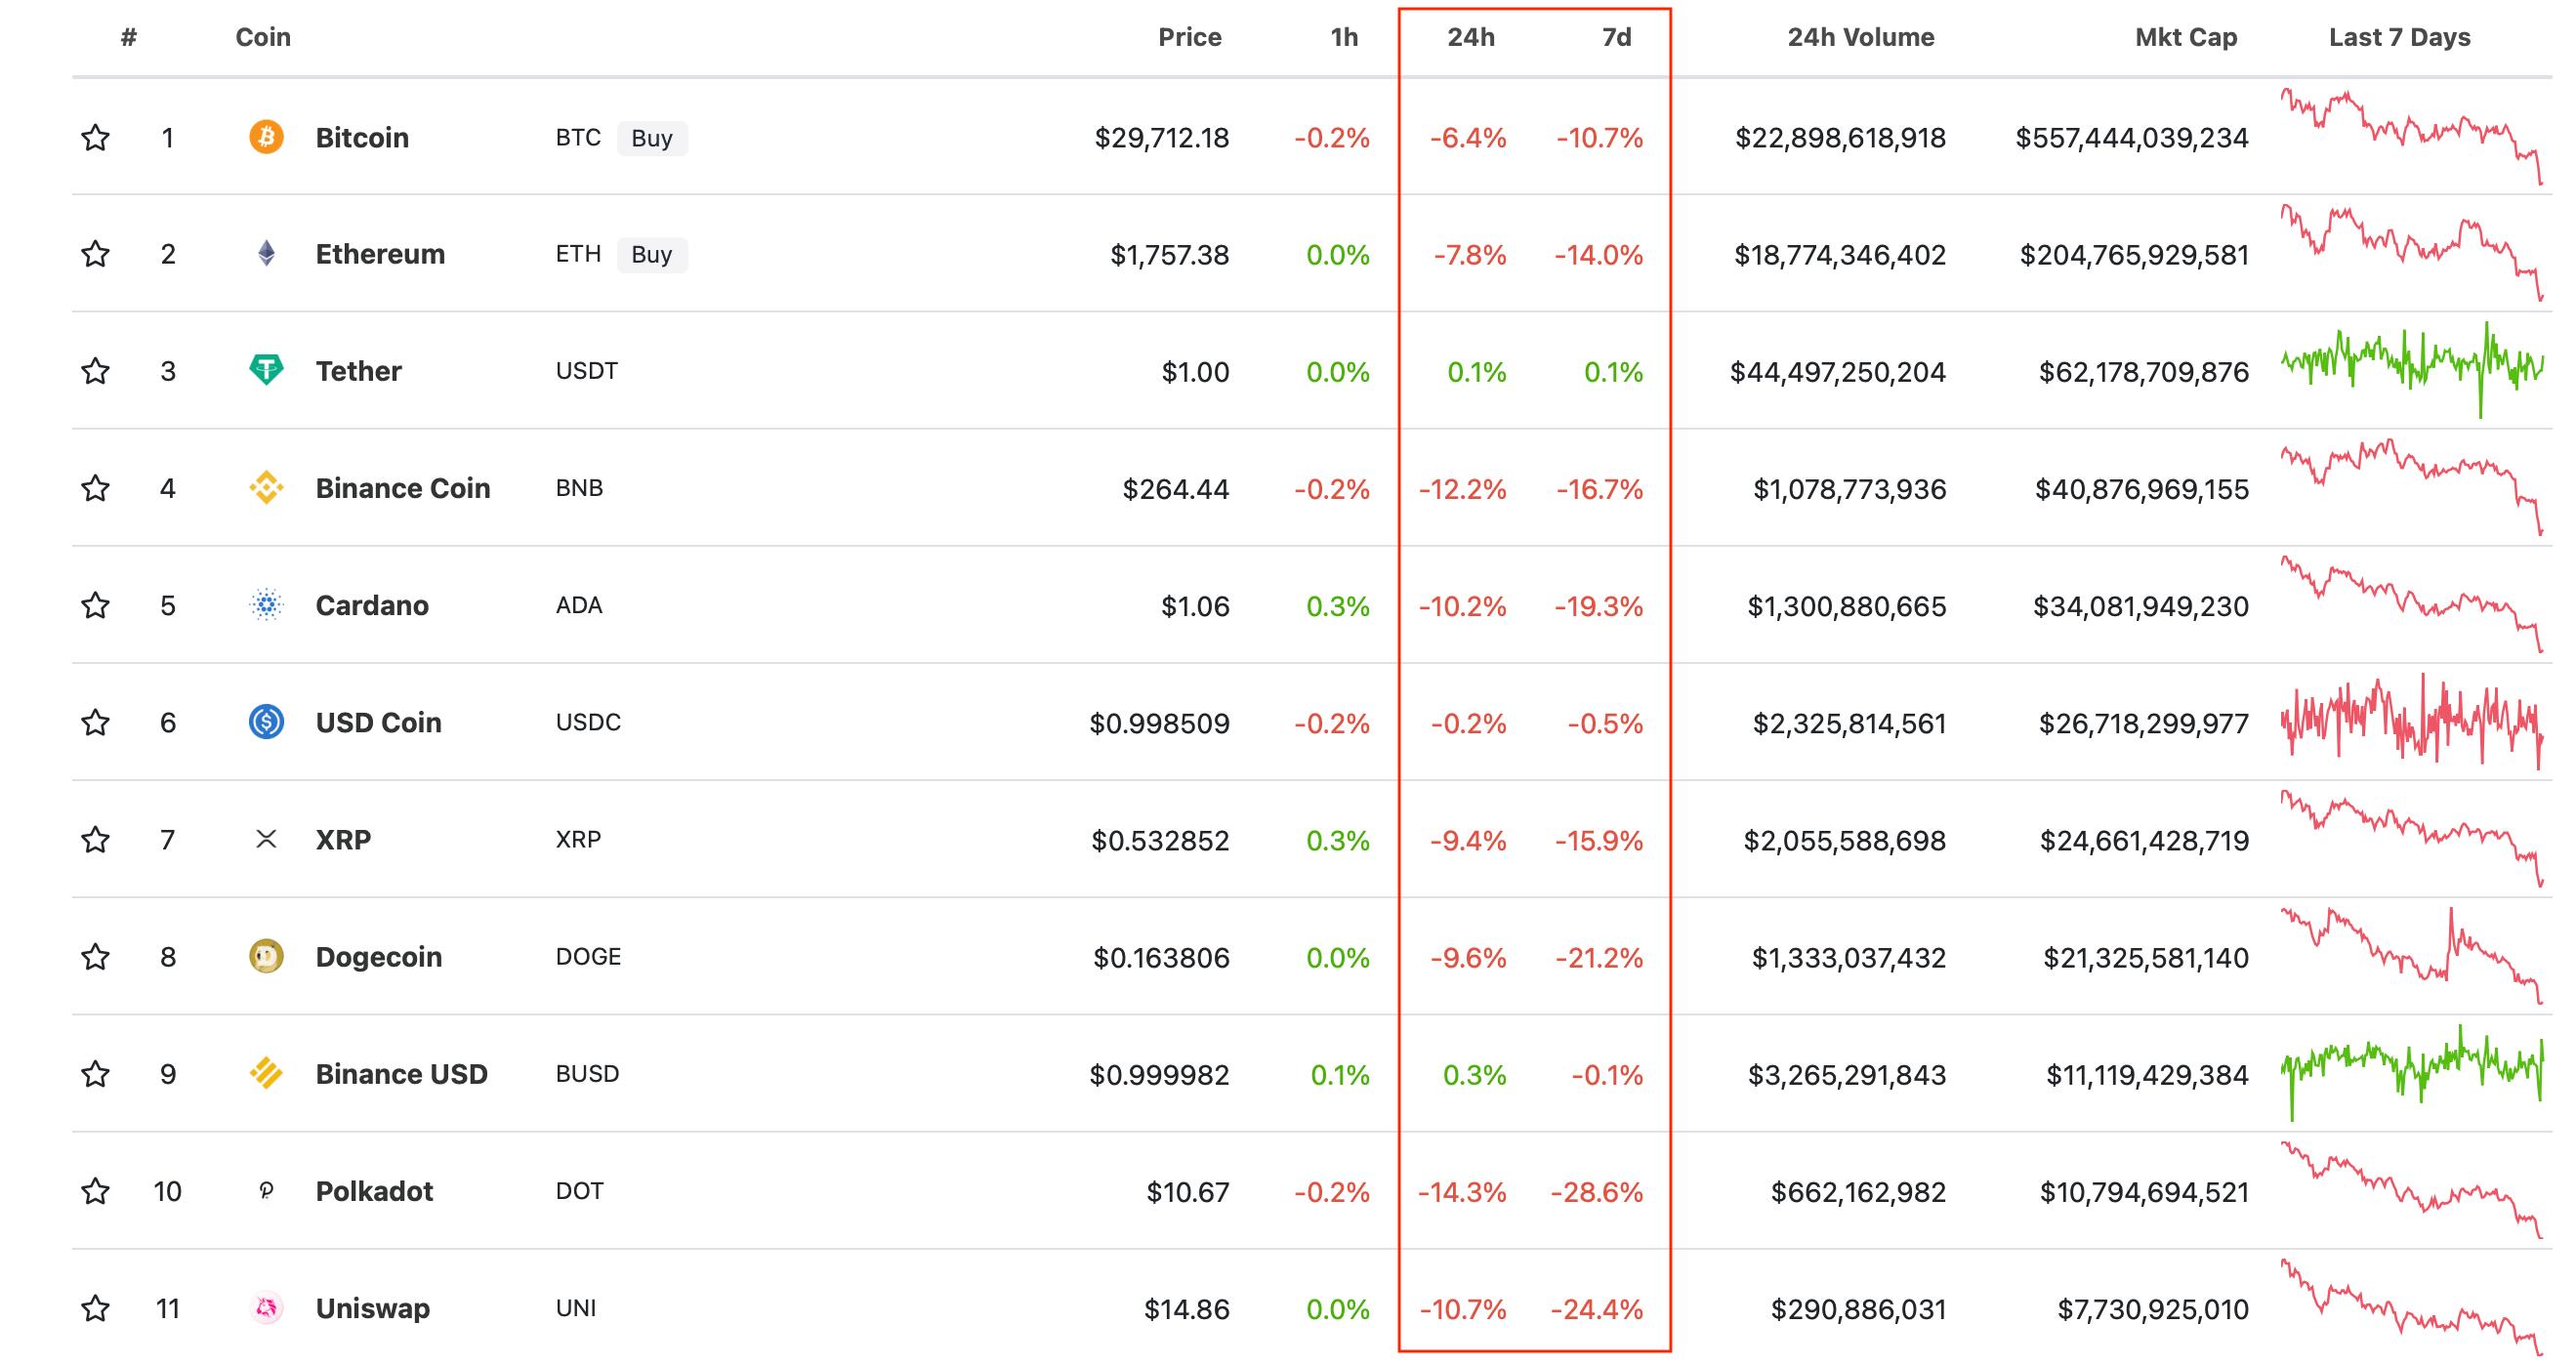 криптовалюты топ рейтинг